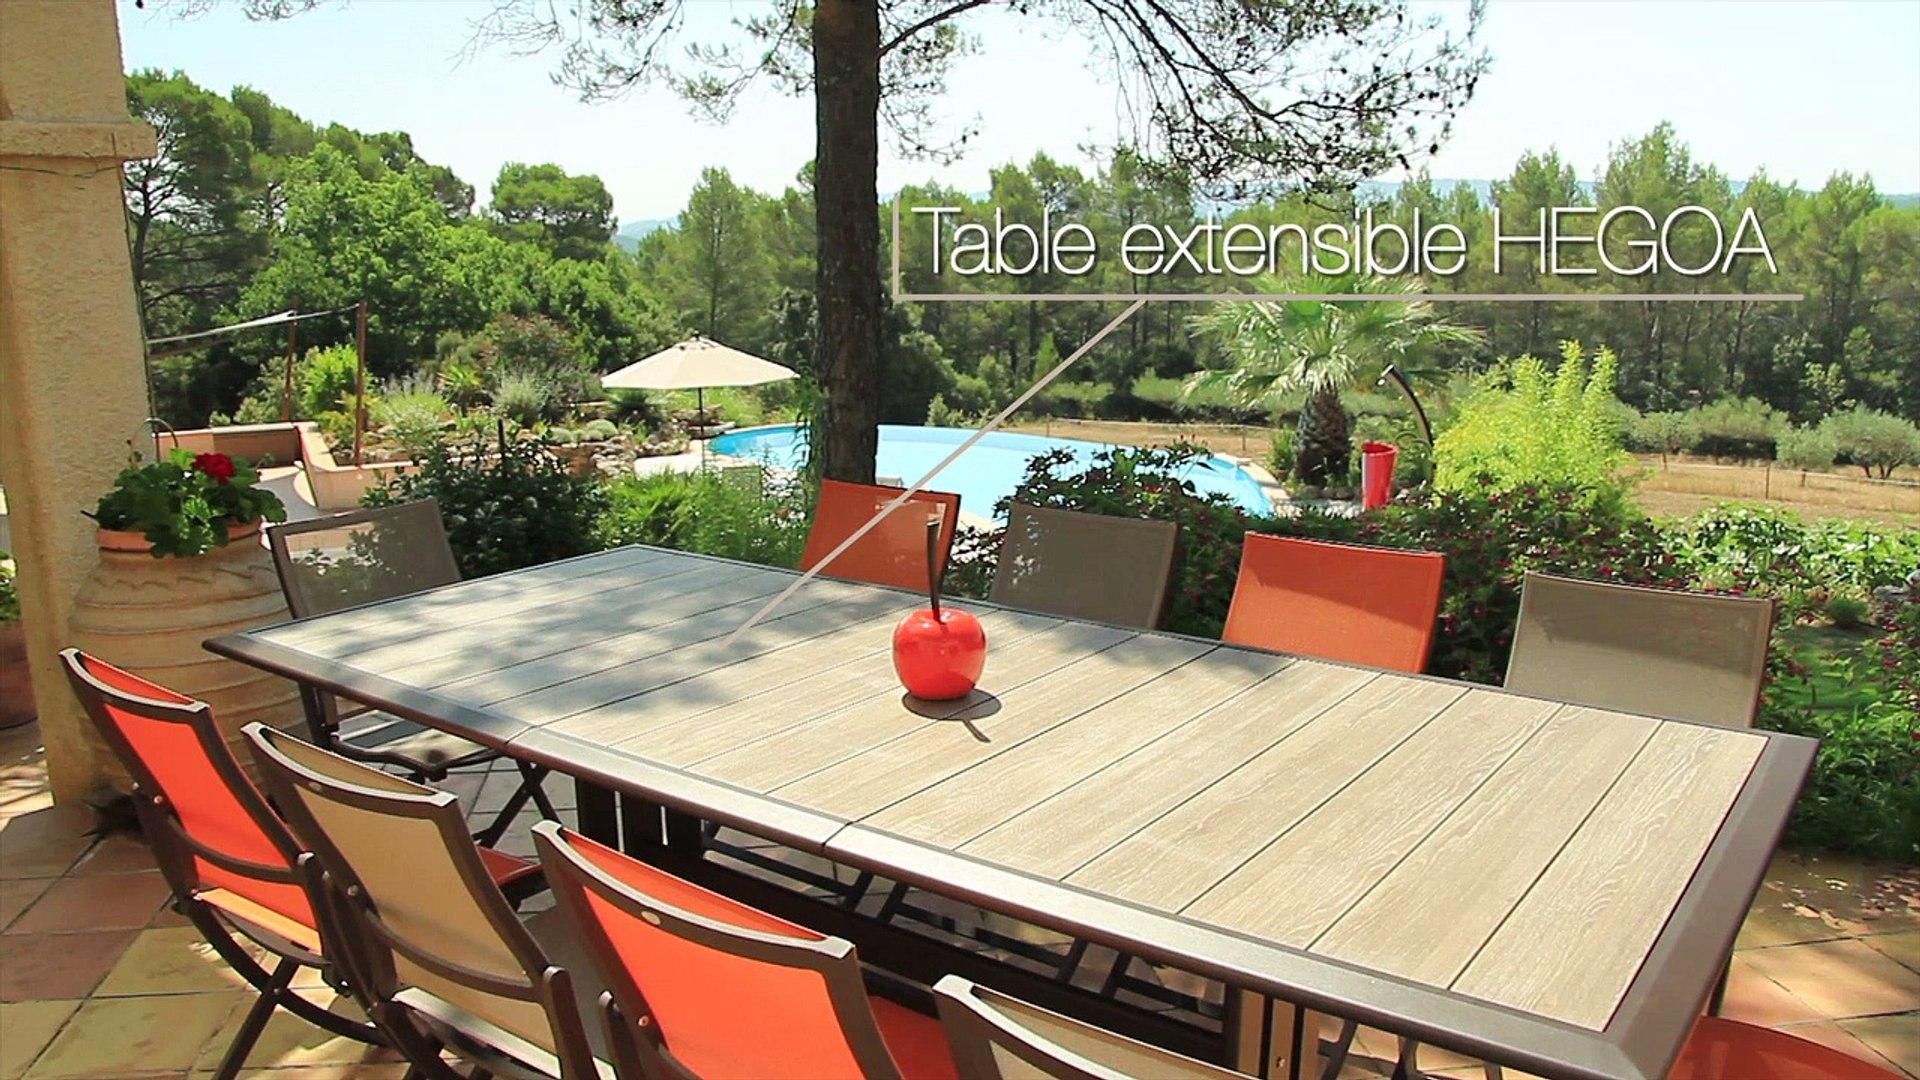 Table de jardin HEGOA - Les Jardins© Mobilier d\'extérieur design